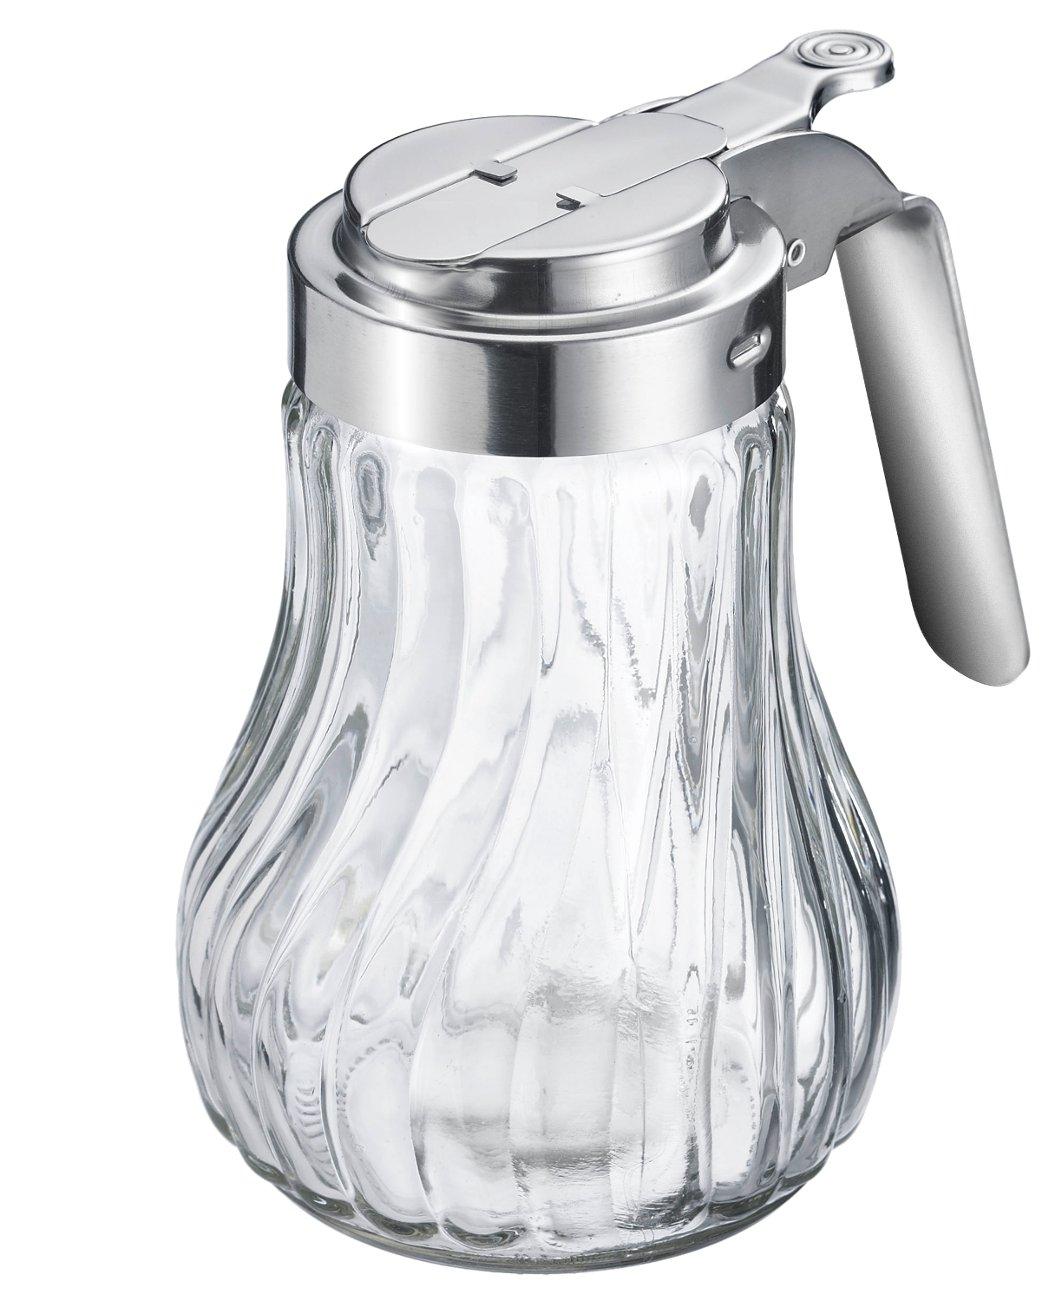 Μελιέρα γυάλινη 250 ml Νο 6530